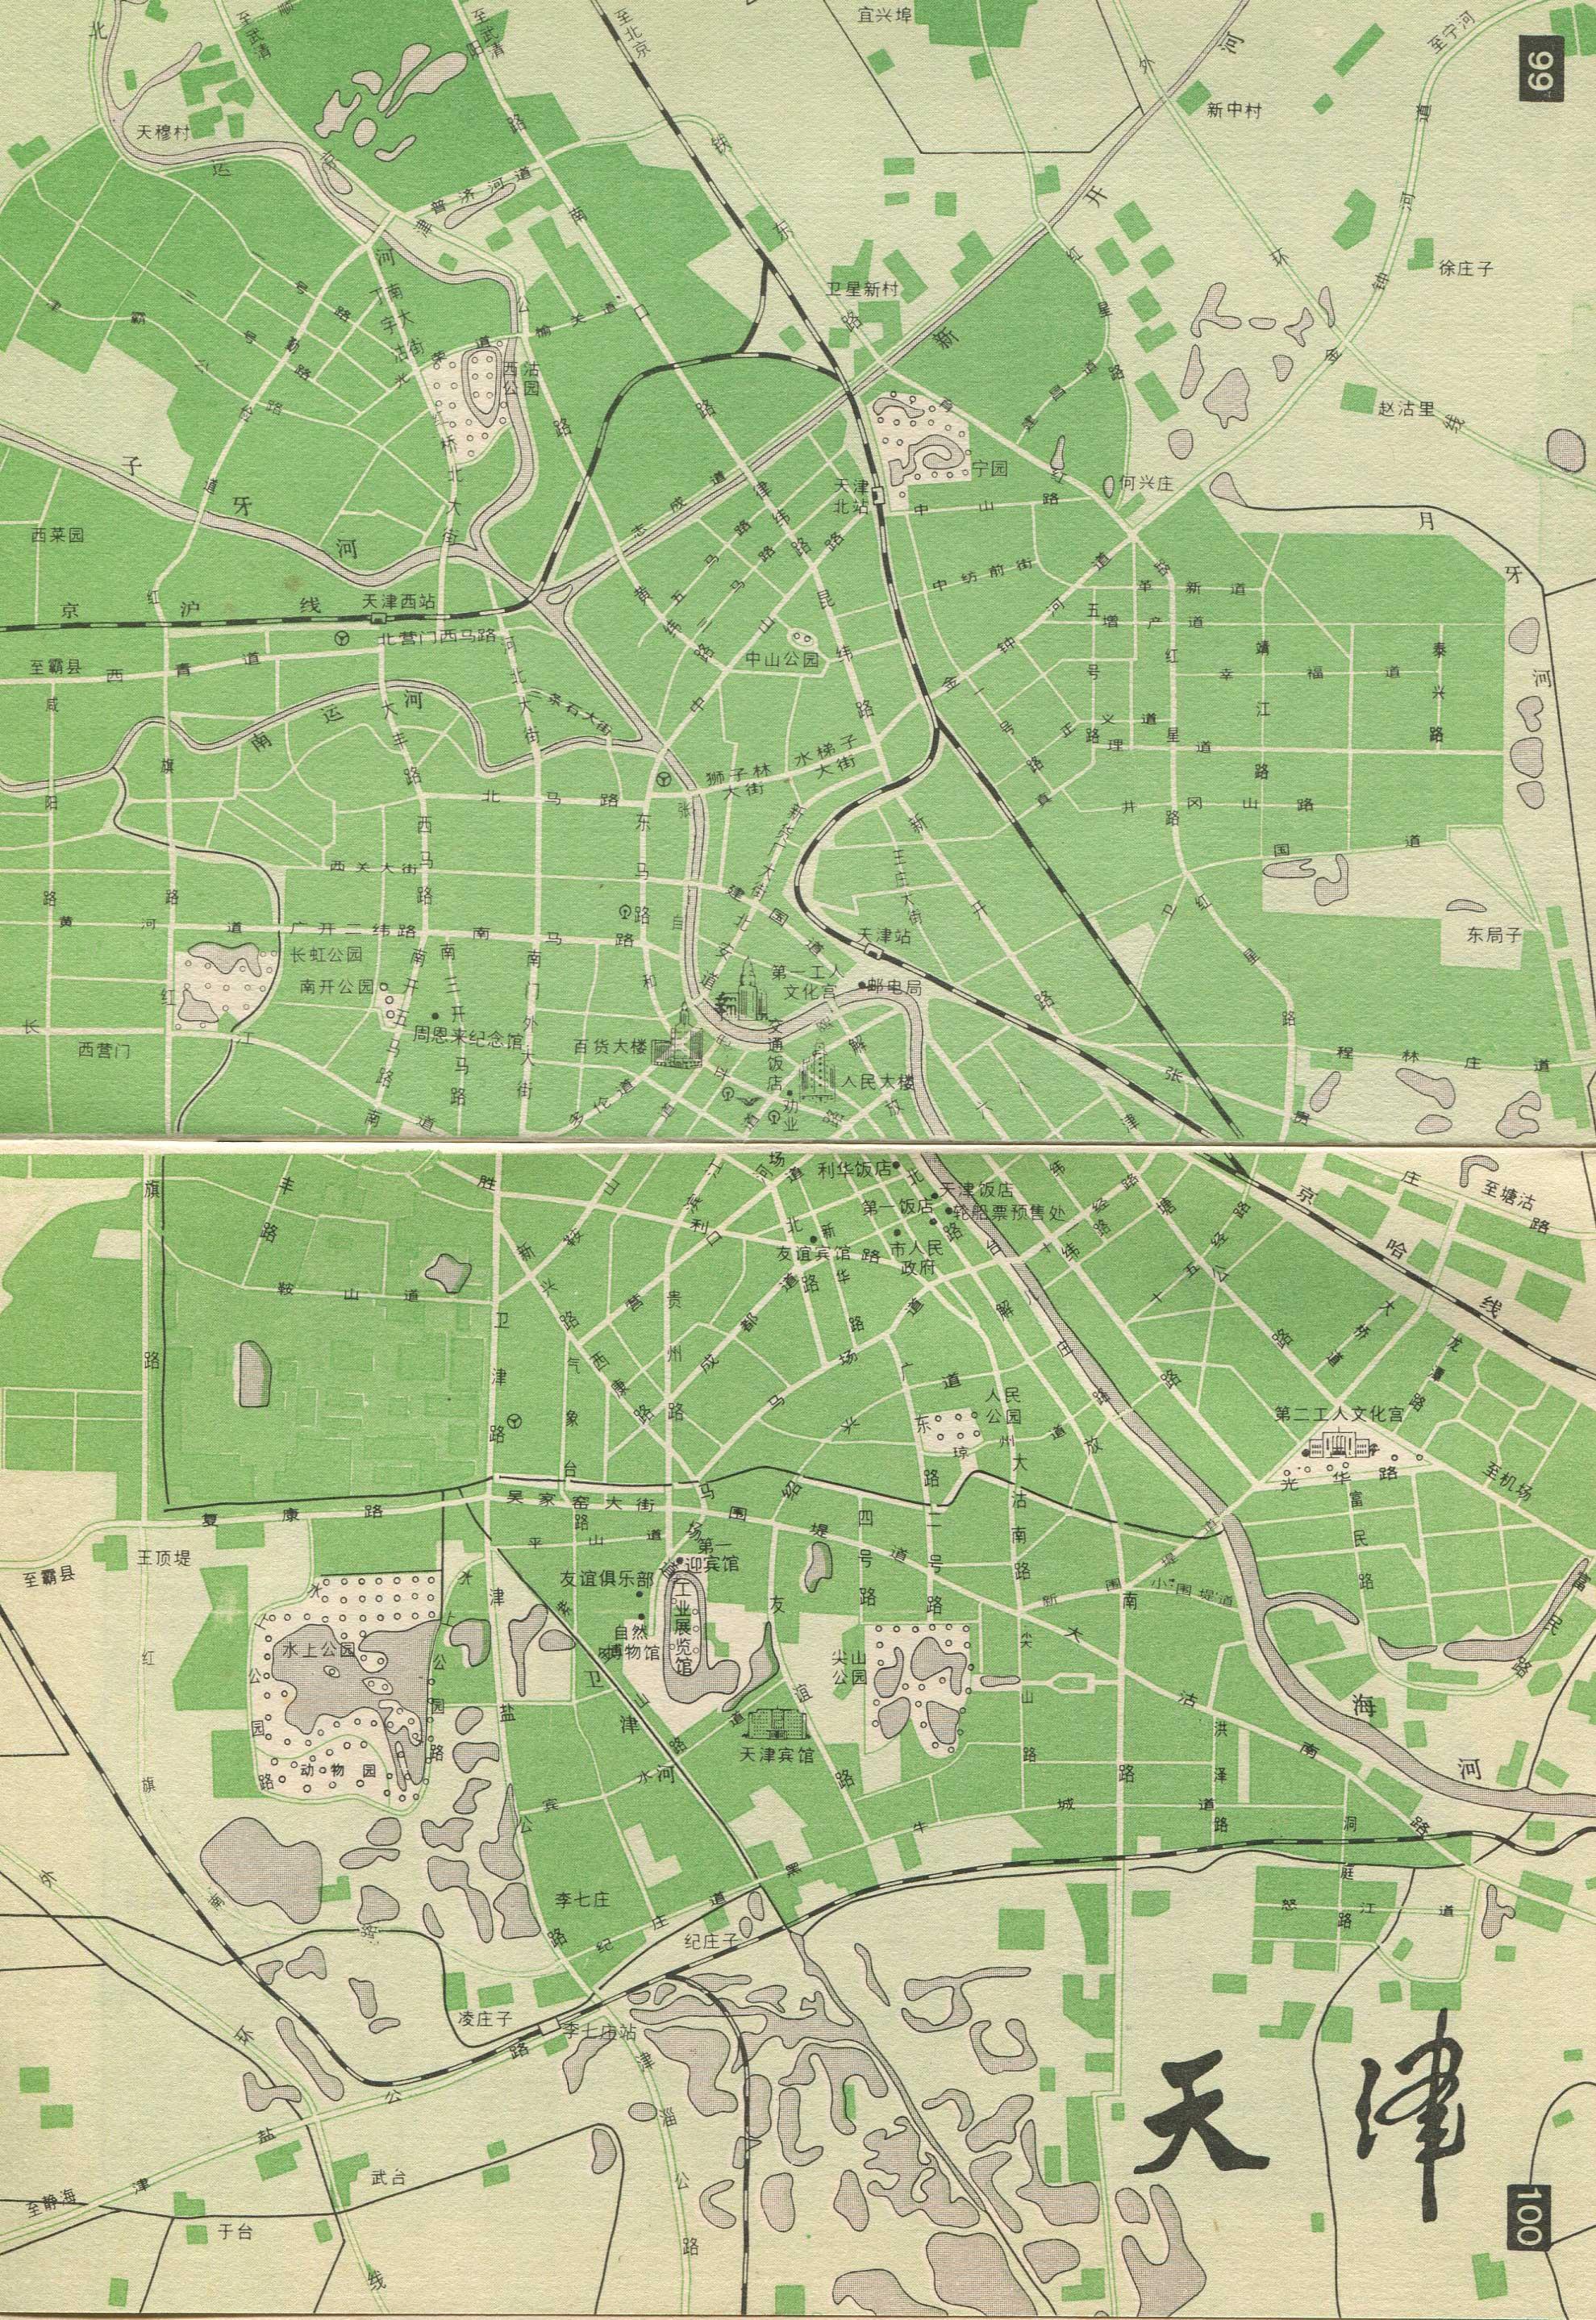 地铁线路图  高铁线路图  铁路线路图  国道线路图  高速线路图